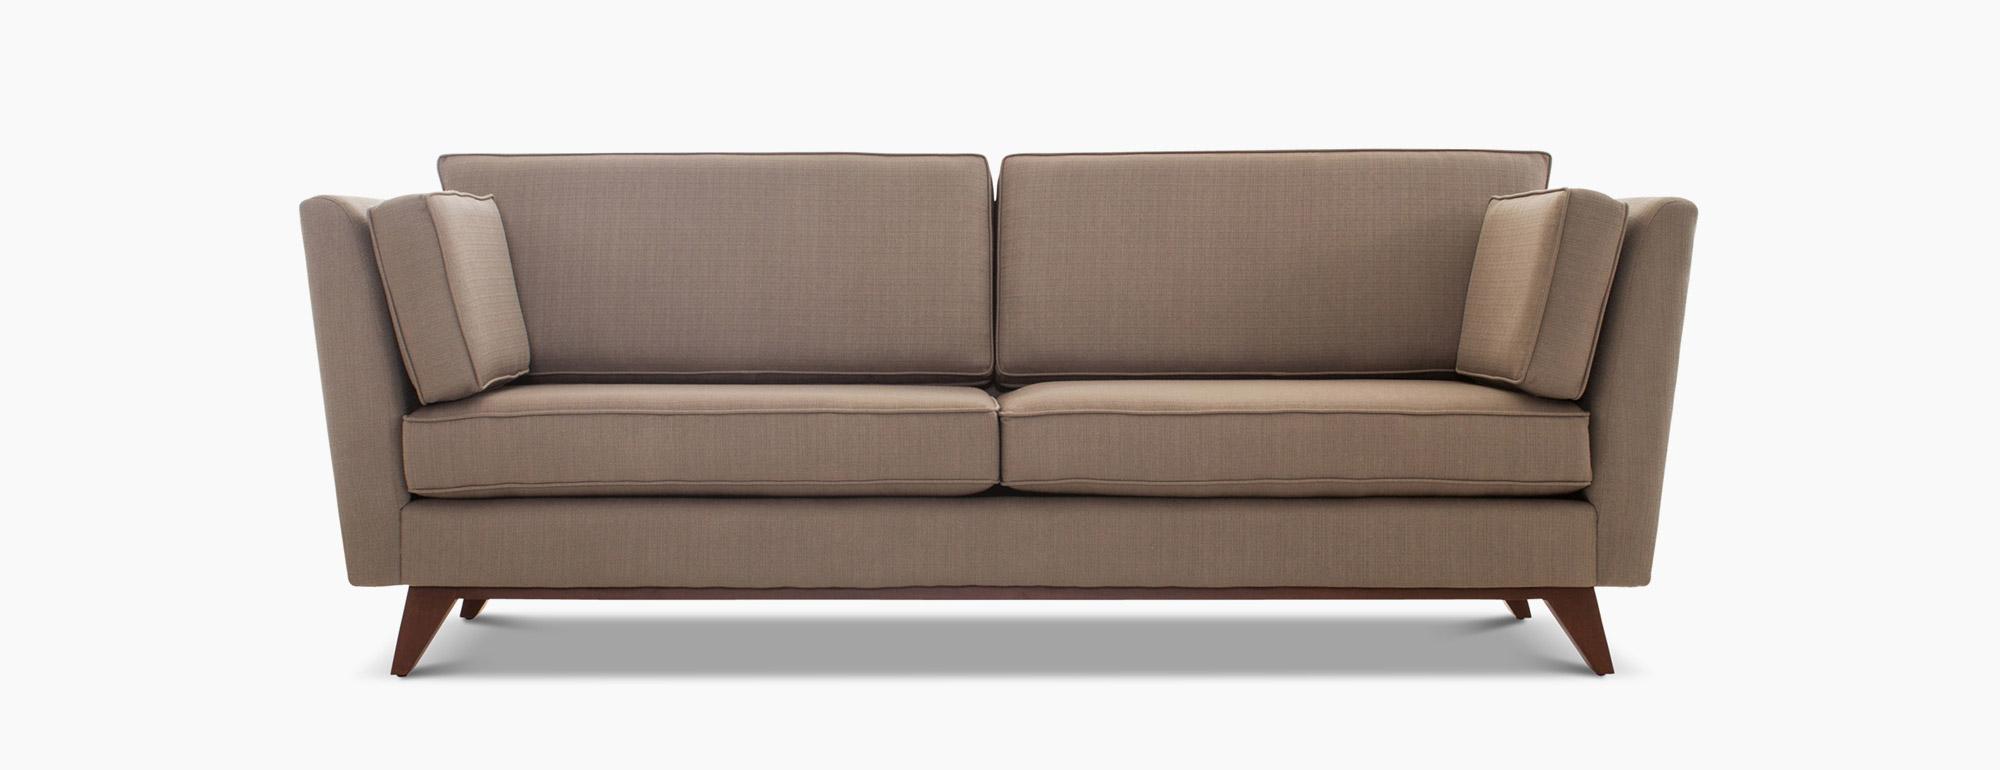 hero-roller-sofa-1